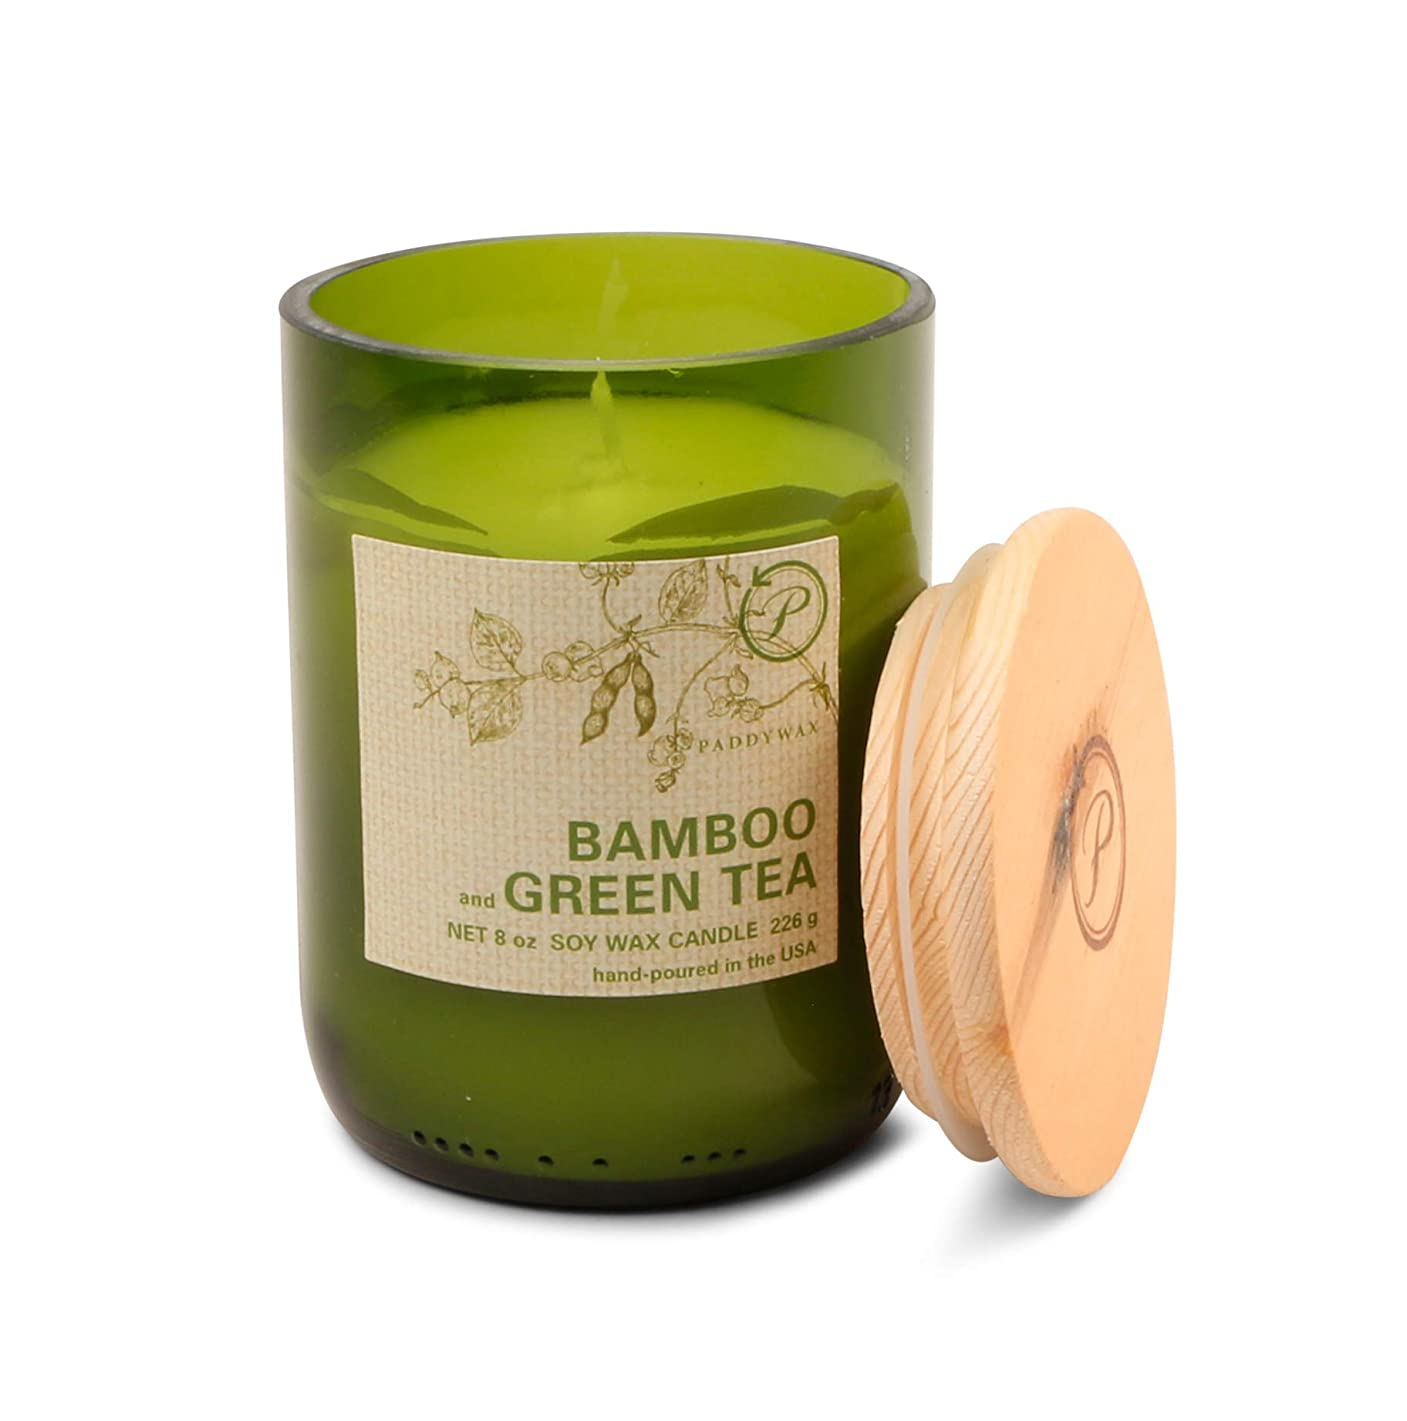 ロゴ解説ローンパディワックス(PADDYWAX) エコ?グリーン キャンドル(ECO GREEN Candle) バンブー & グリーンティー(BAMBOO and GREEN TEA)